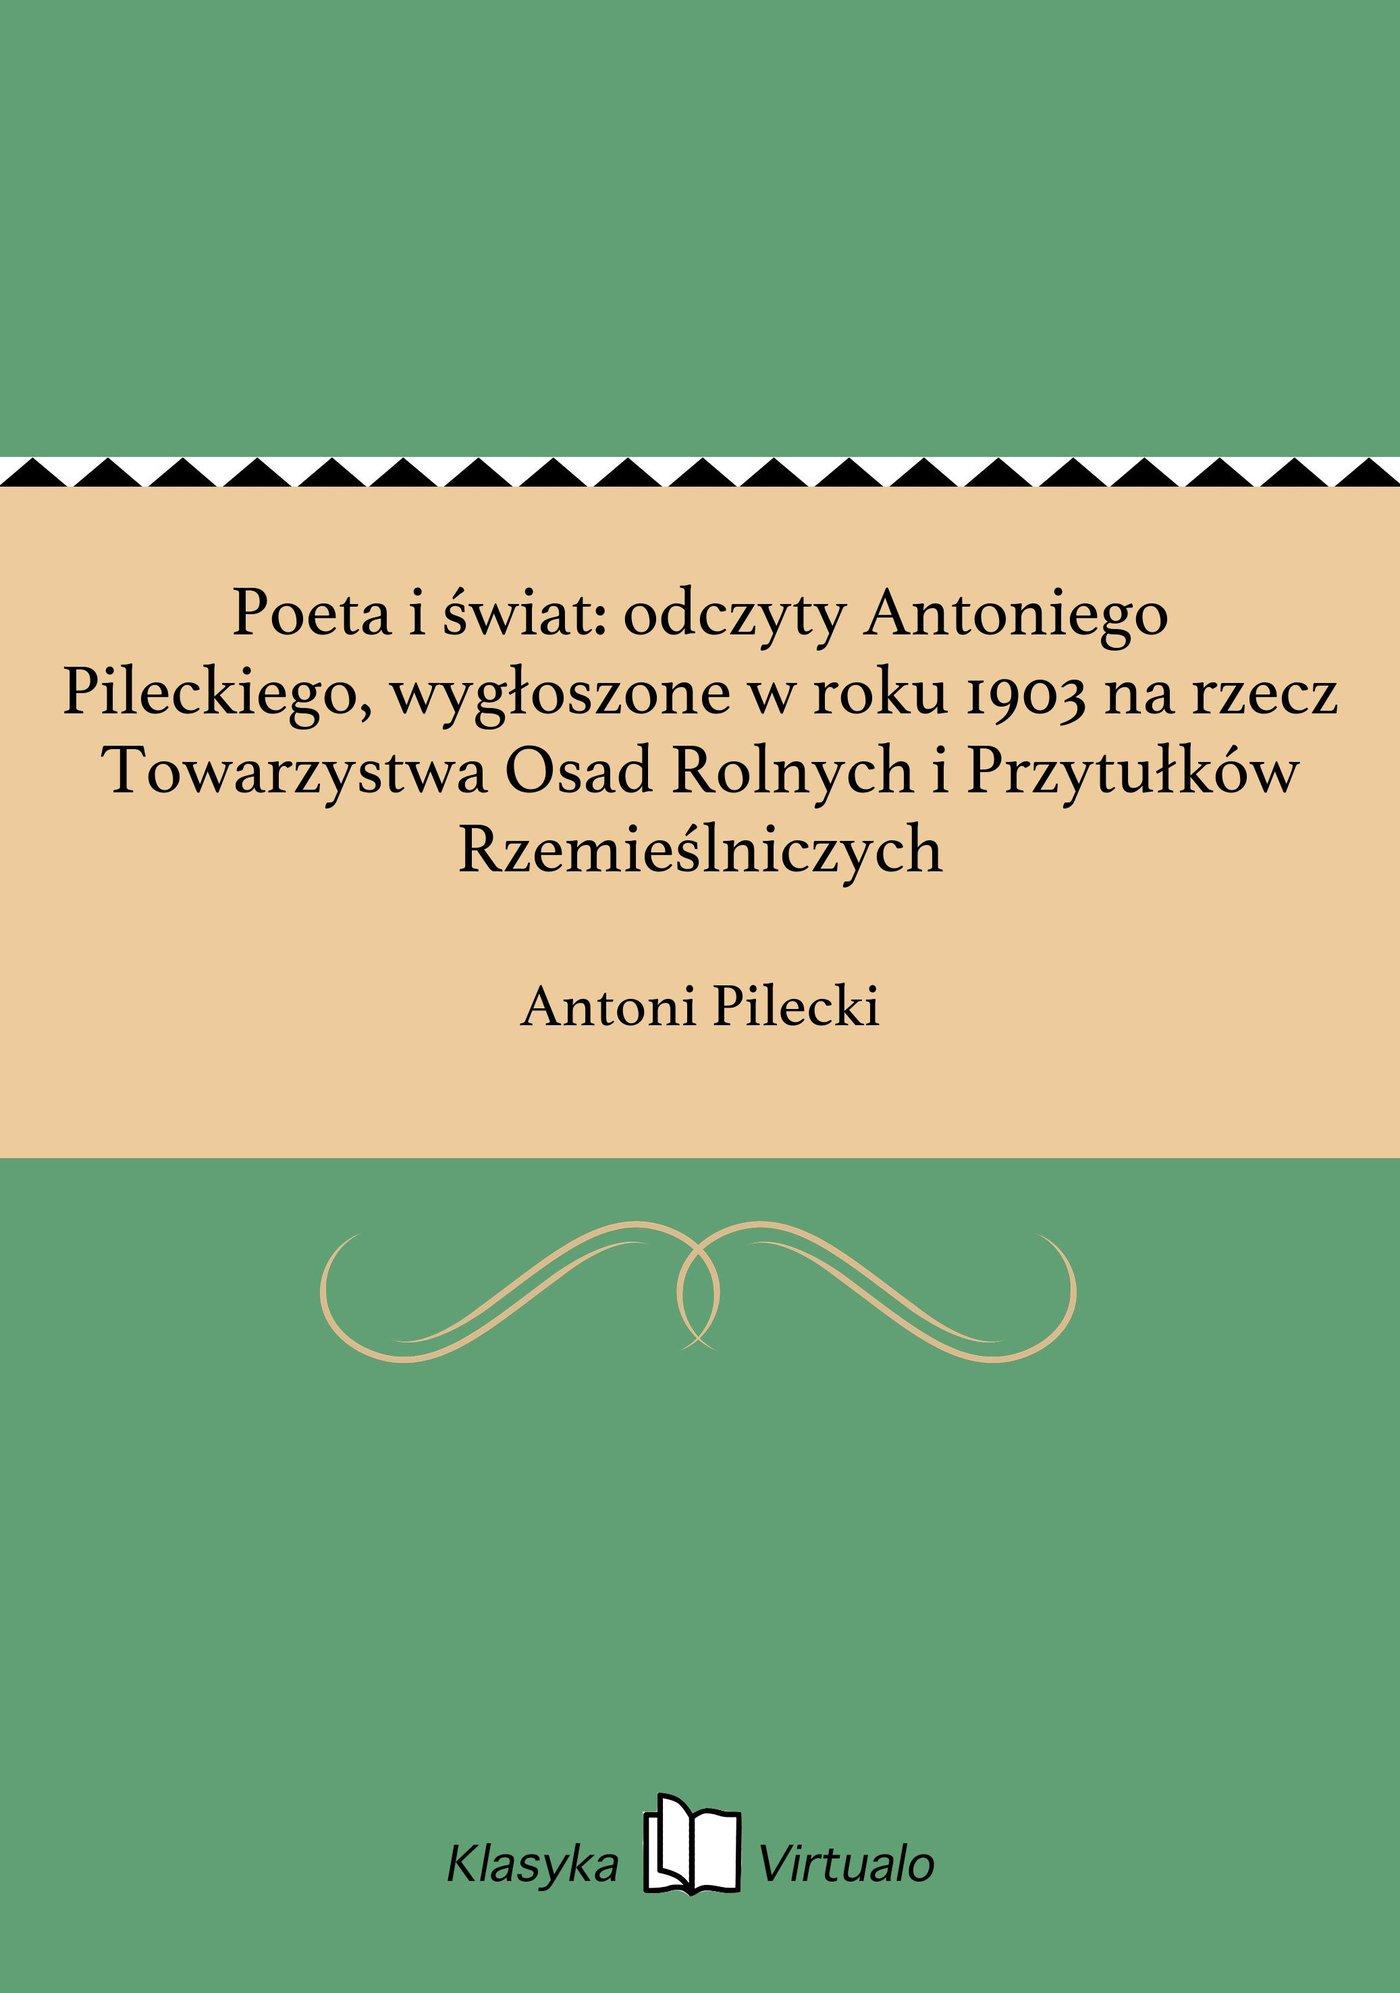 Poeta i świat: odczyty Antoniego Pileckiego, wygłoszone w roku 1903 na rzecz Towarzystwa Osad Rolnych i Przytułków Rzemieślniczych - Ebook (Książka EPUB) do pobrania w formacie EPUB